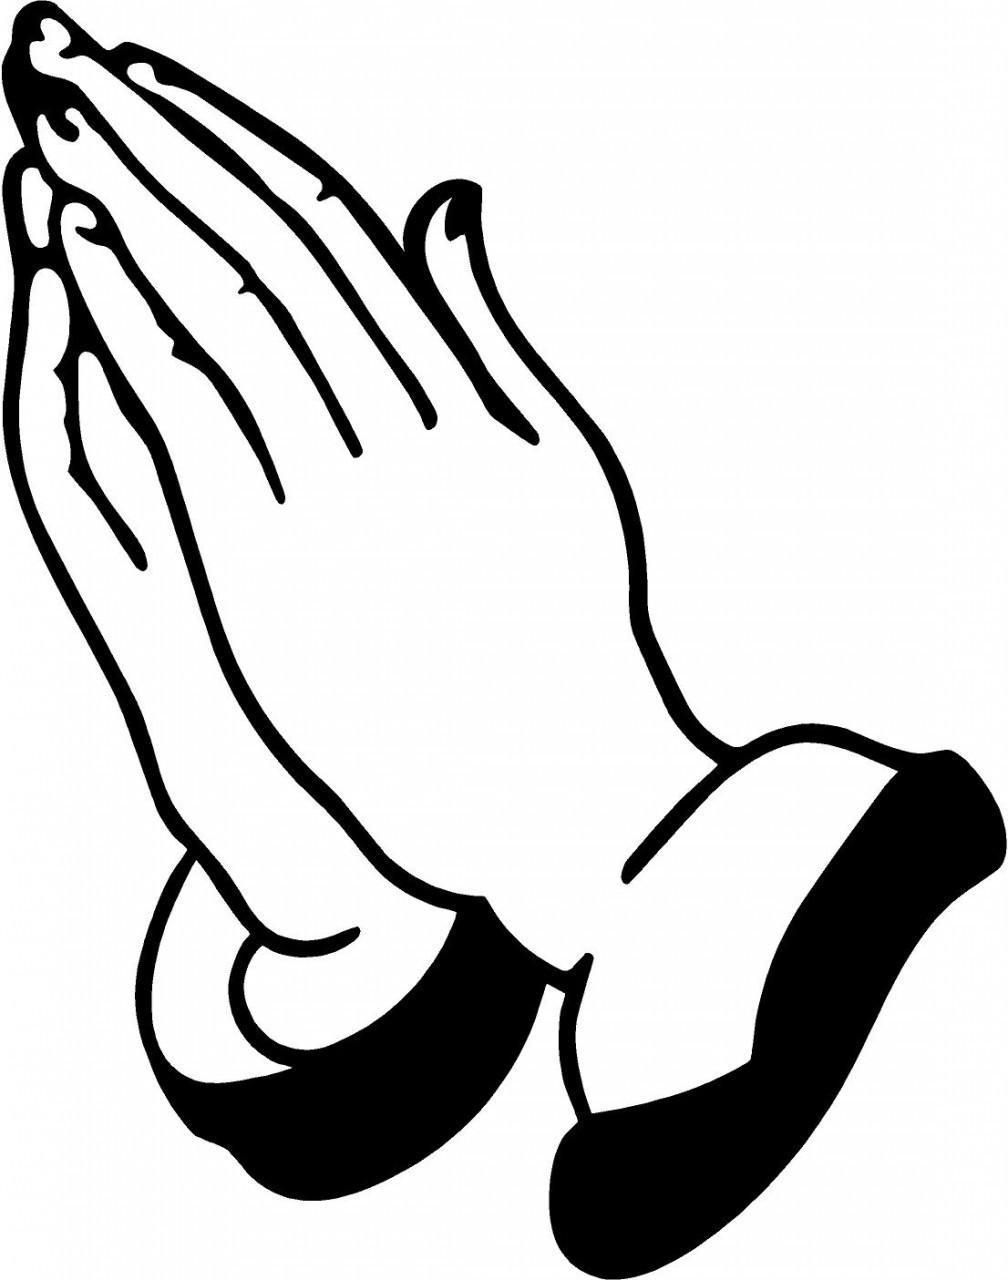 1008x1280 Hands Praying Clipart